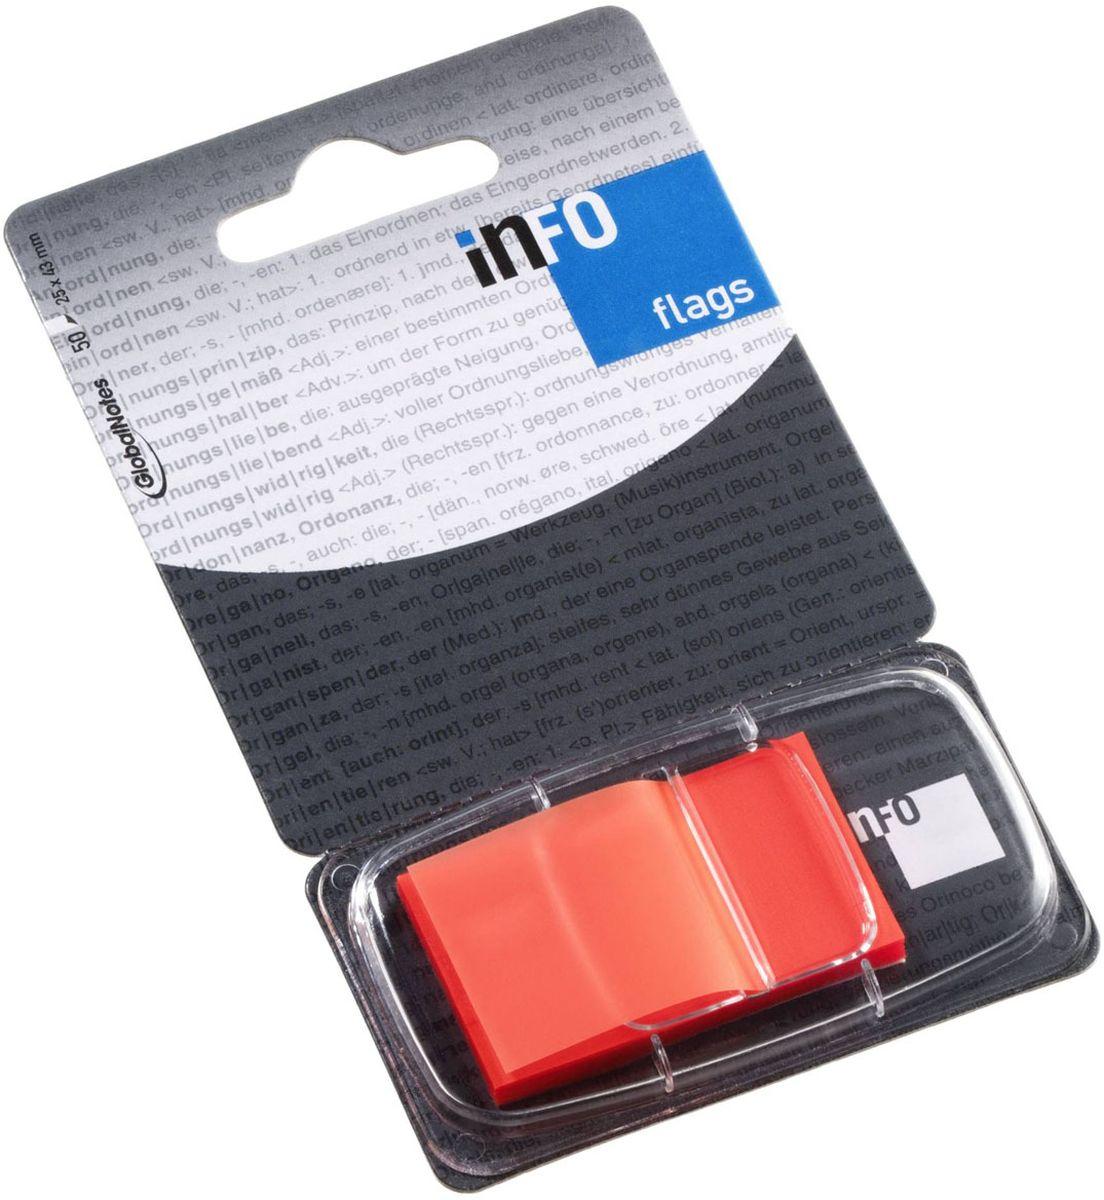 Global Notes Блок-закладка с липким слоем цвет оранжевый 50 листов772812Пластиковые закладки предназначены для наиболее эффективного выделения важной информации без повреждения книги или документа. Идеально подходят для быстрой и эффективной работы - просто выдели и найди. Закладки можно переклеивать несколько раз. Упакованы в компактный пластиковый диспенсер с европодвесом по 50 штук. Размер 25х43 мм. Цвет - оранжевый